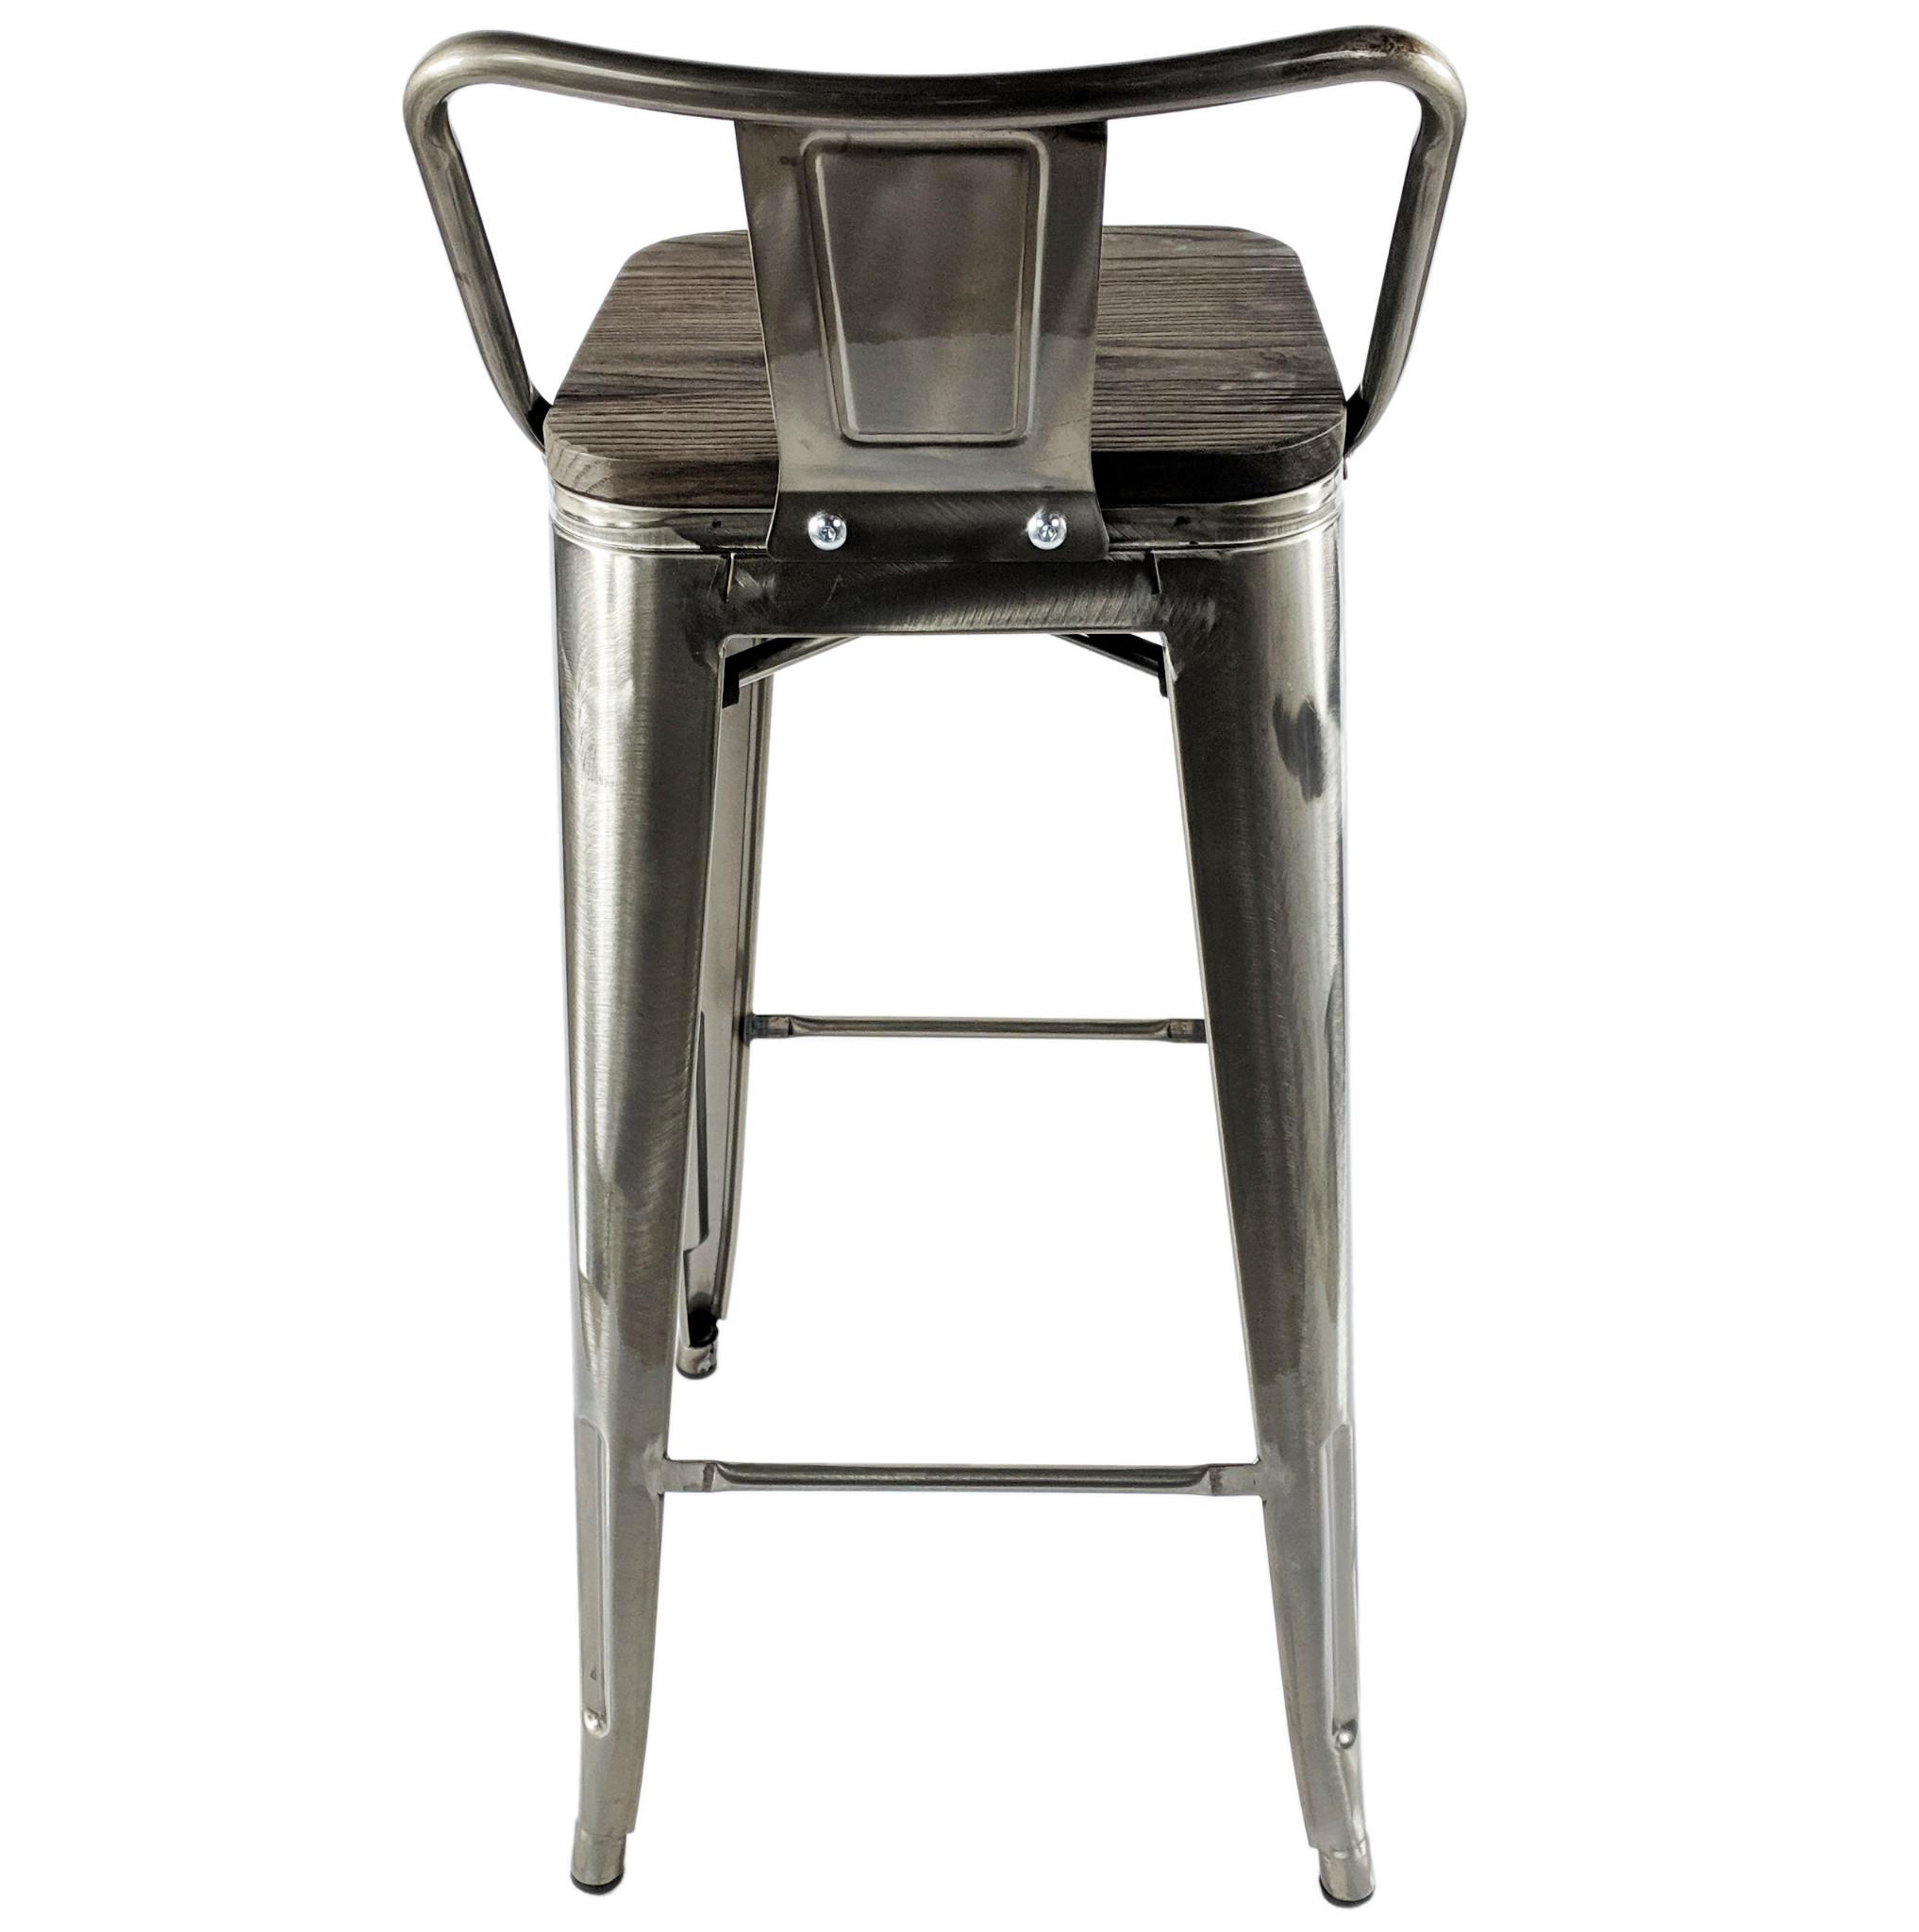 Superb Stools Breakfast Bars Tolix Brushed Steel Metal Bar Stool Ibusinesslaw Wood Chair Design Ideas Ibusinesslaworg